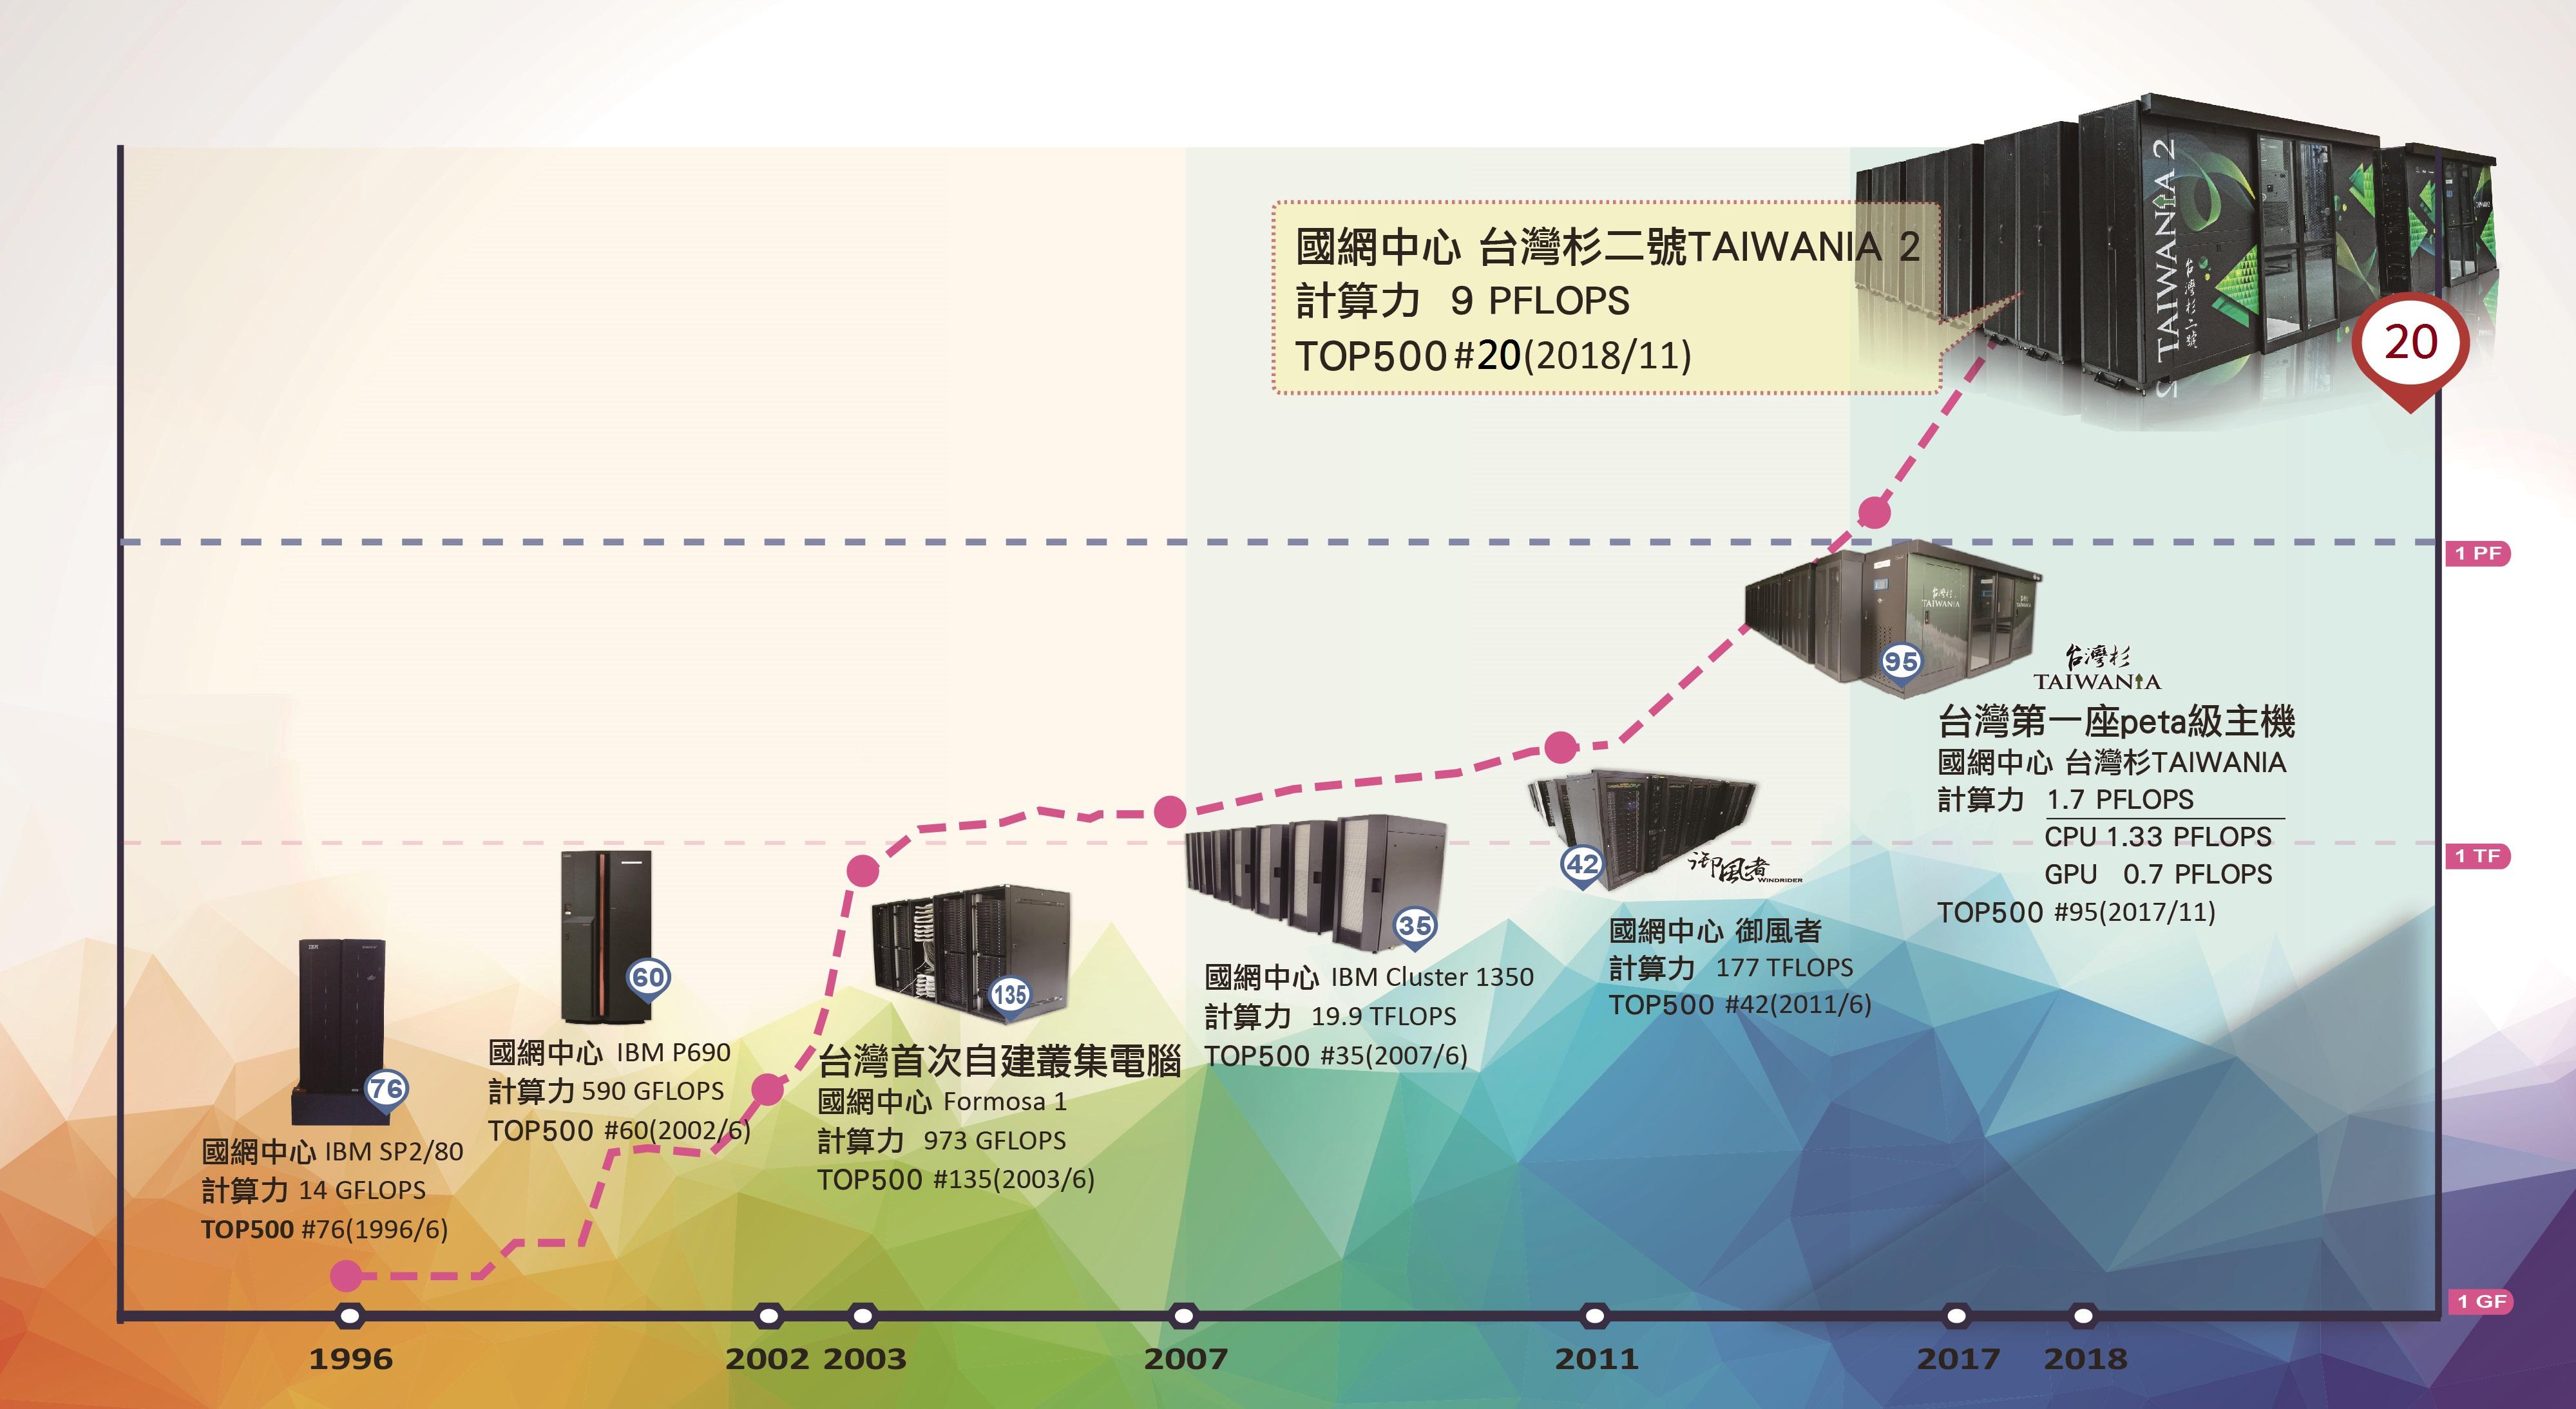 圖一:台灣主機歷來上榜TOP500記錄